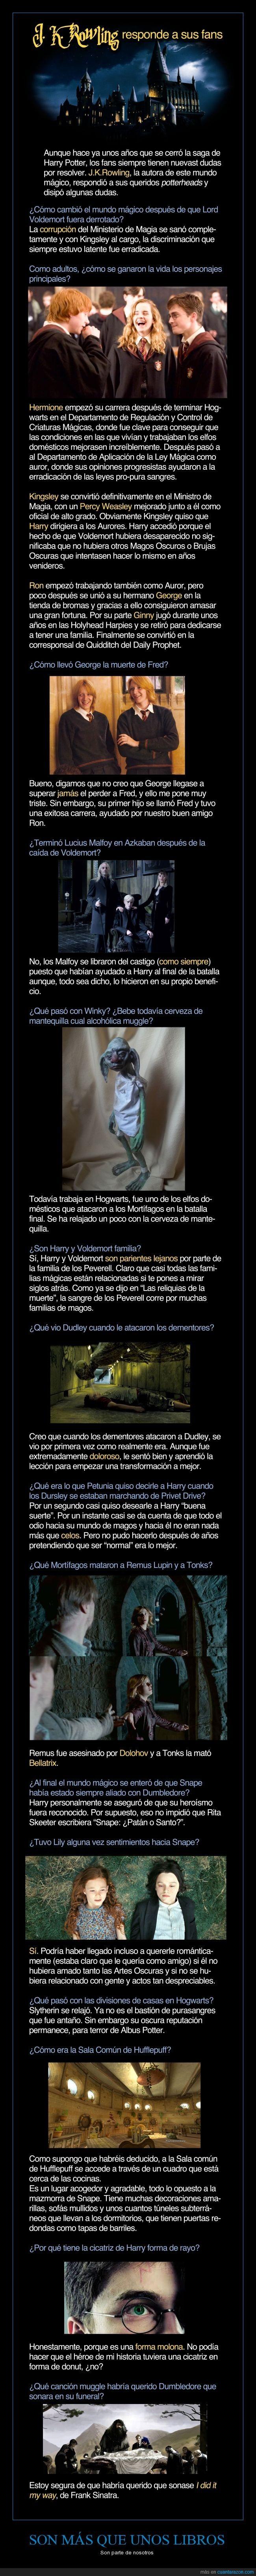 HP 4ever - Todos los enigmas sin resolver de Harry Potter, por fin contestados